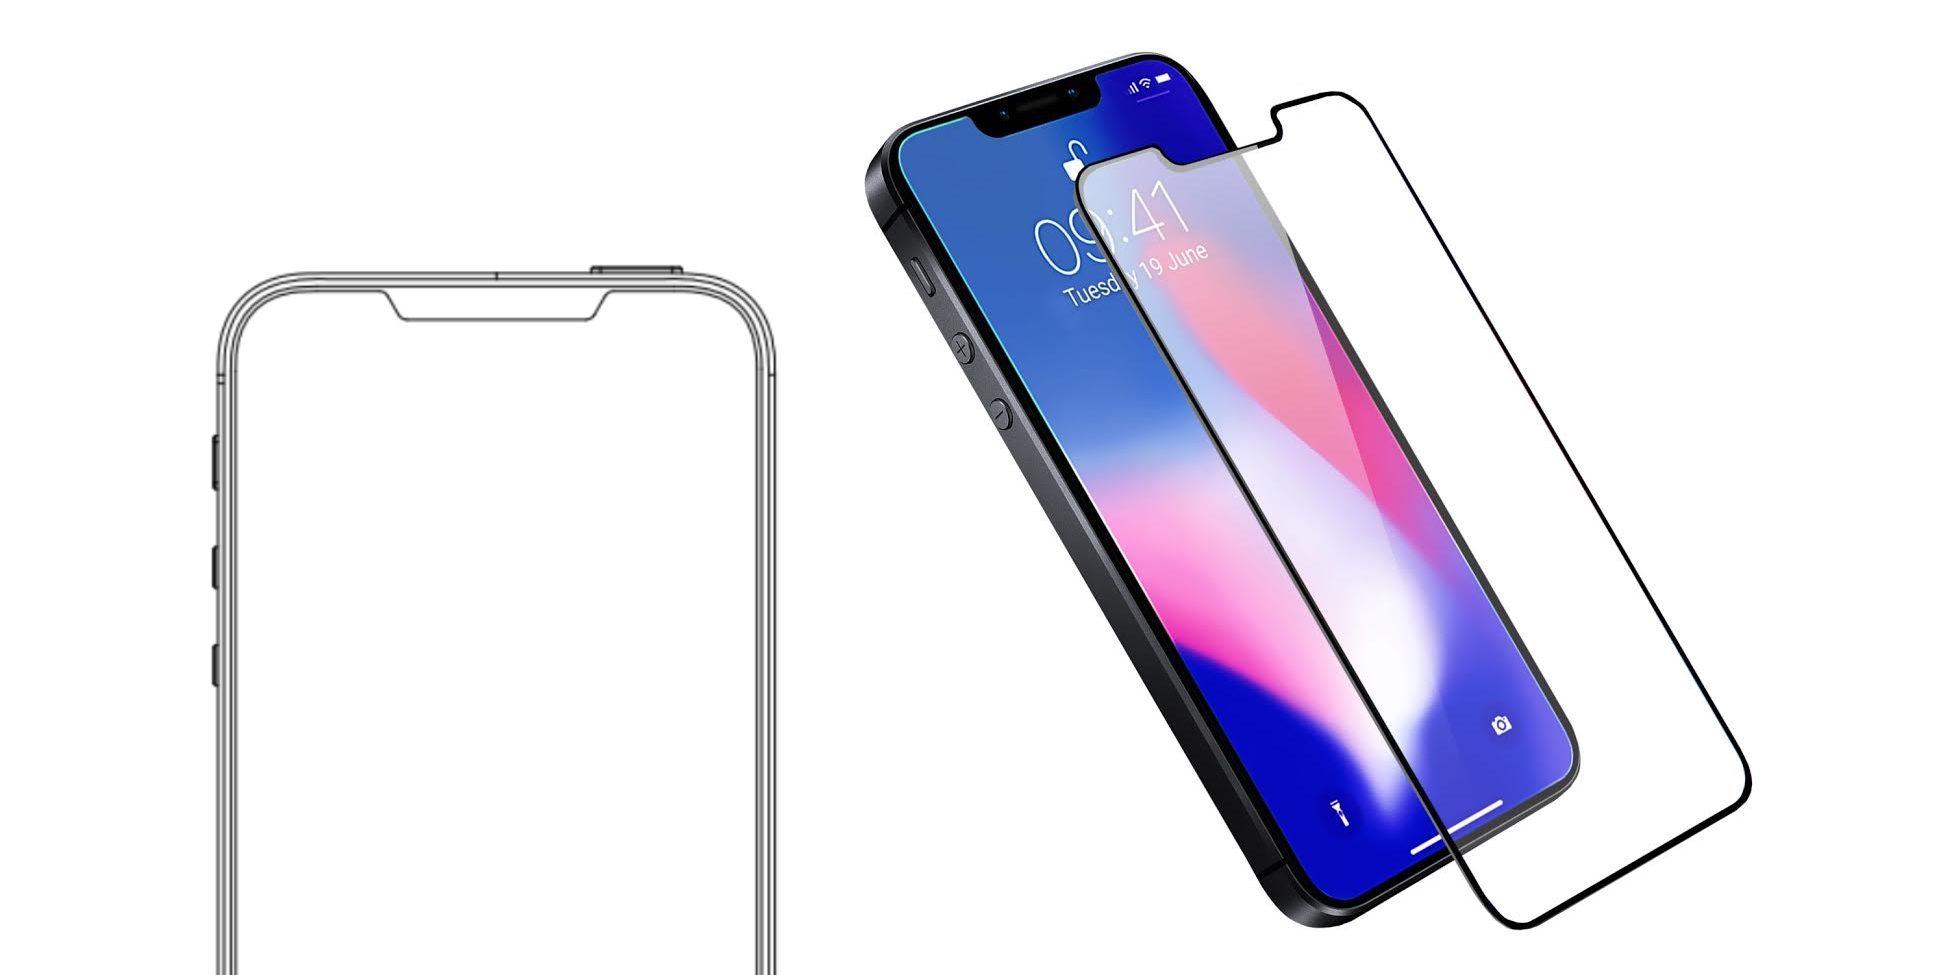 Lộ thiết kế kính bảo vệ của Olixar cho thấy iPhone SE 2 là phiên bản thu nhỏ của iPhone X hình 1